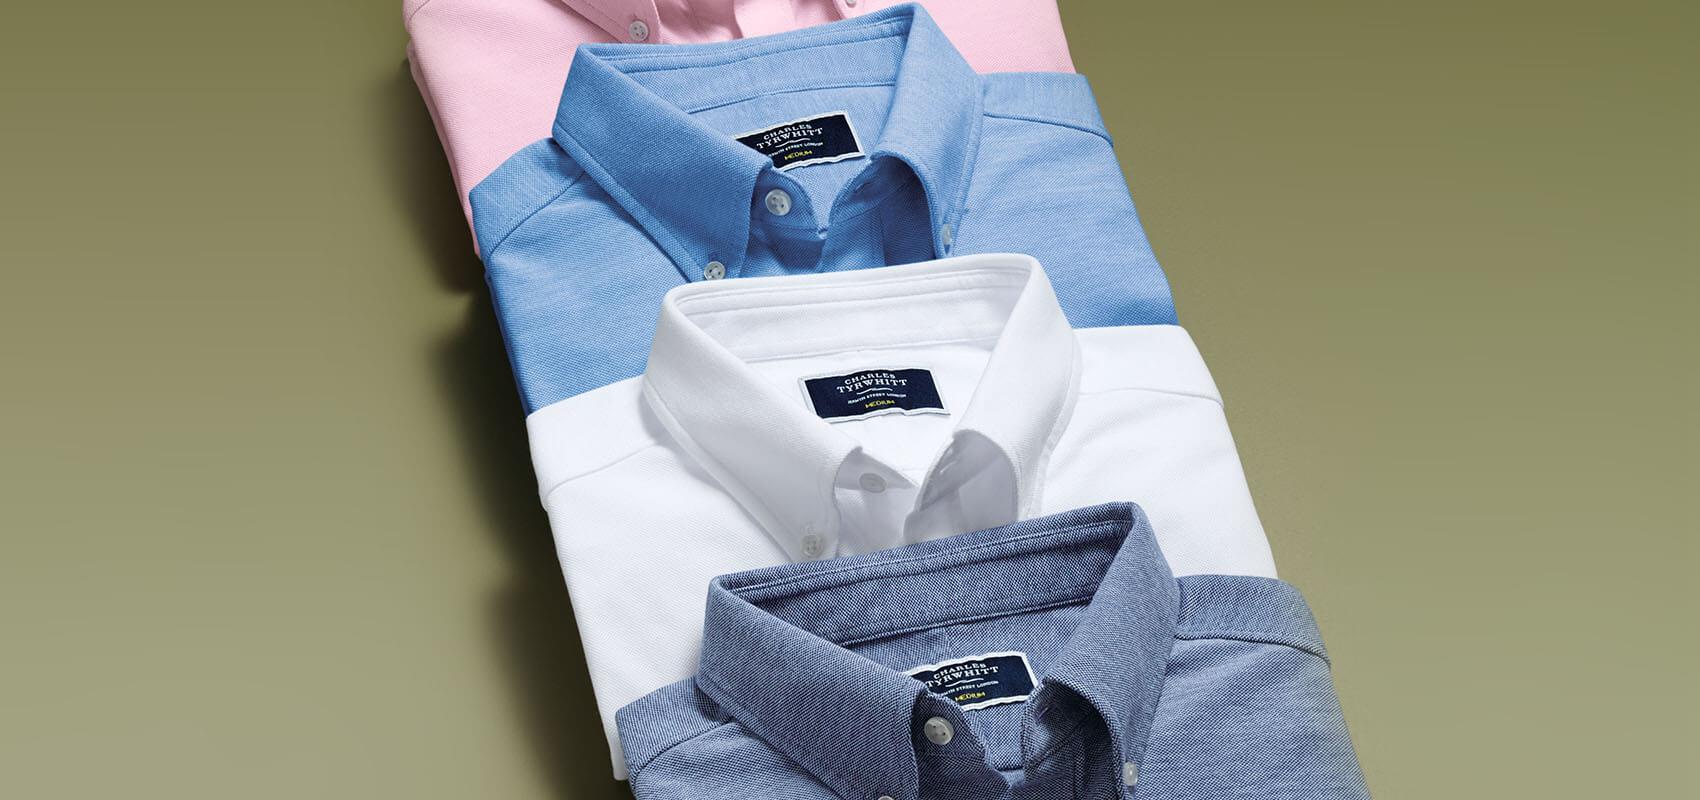 Oxford jersey shirts